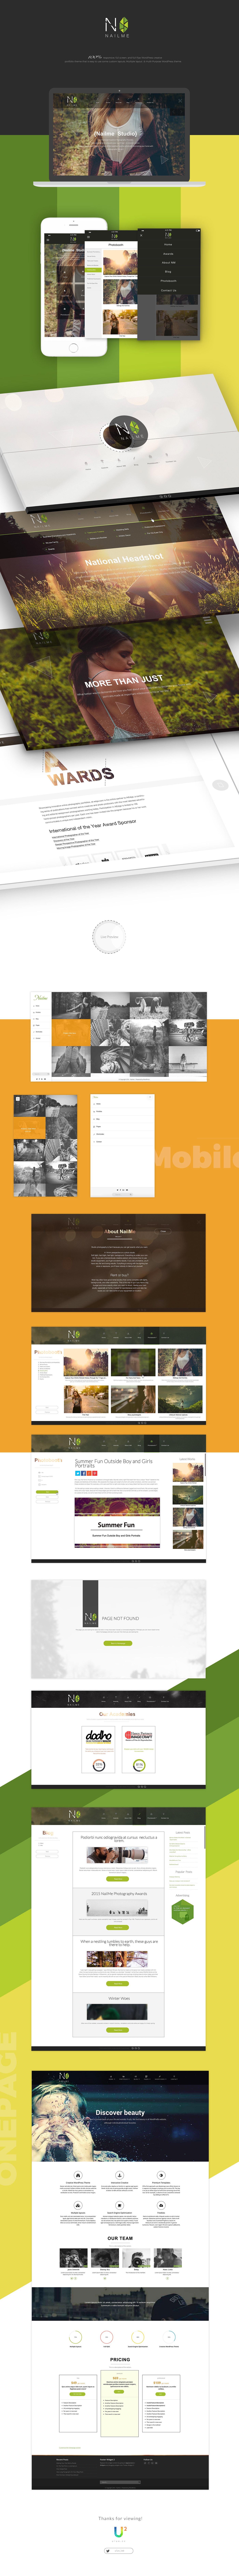 Nailme - Full PJAX Multiple Layout WordPress Theme